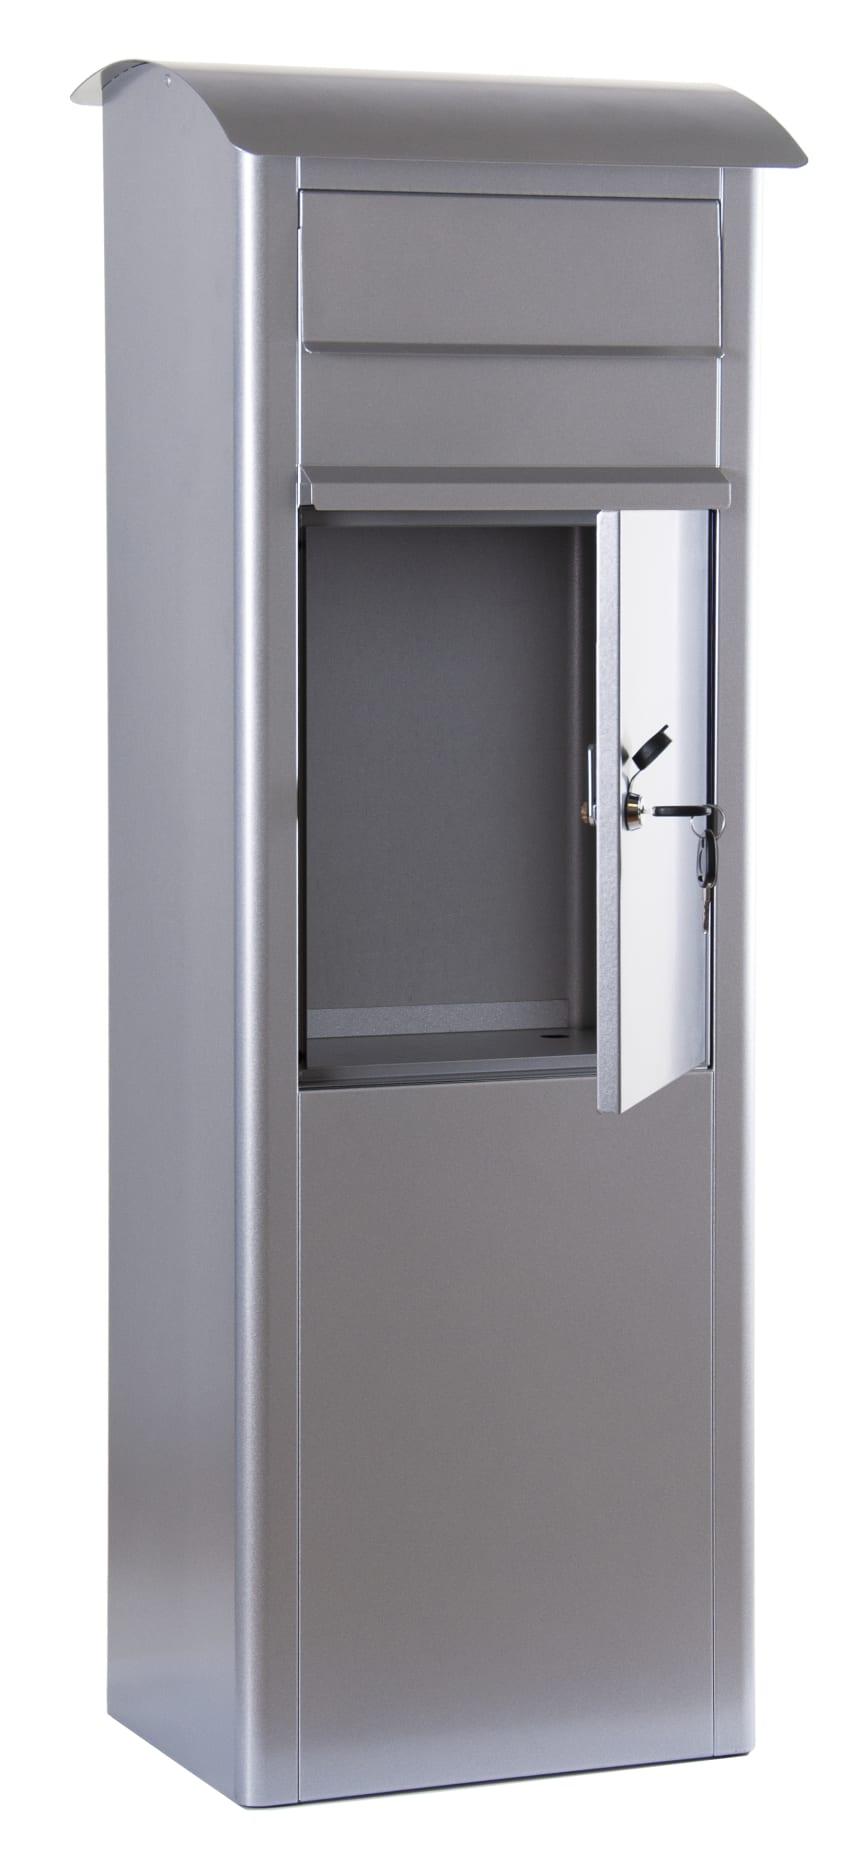 M2000 - Silver